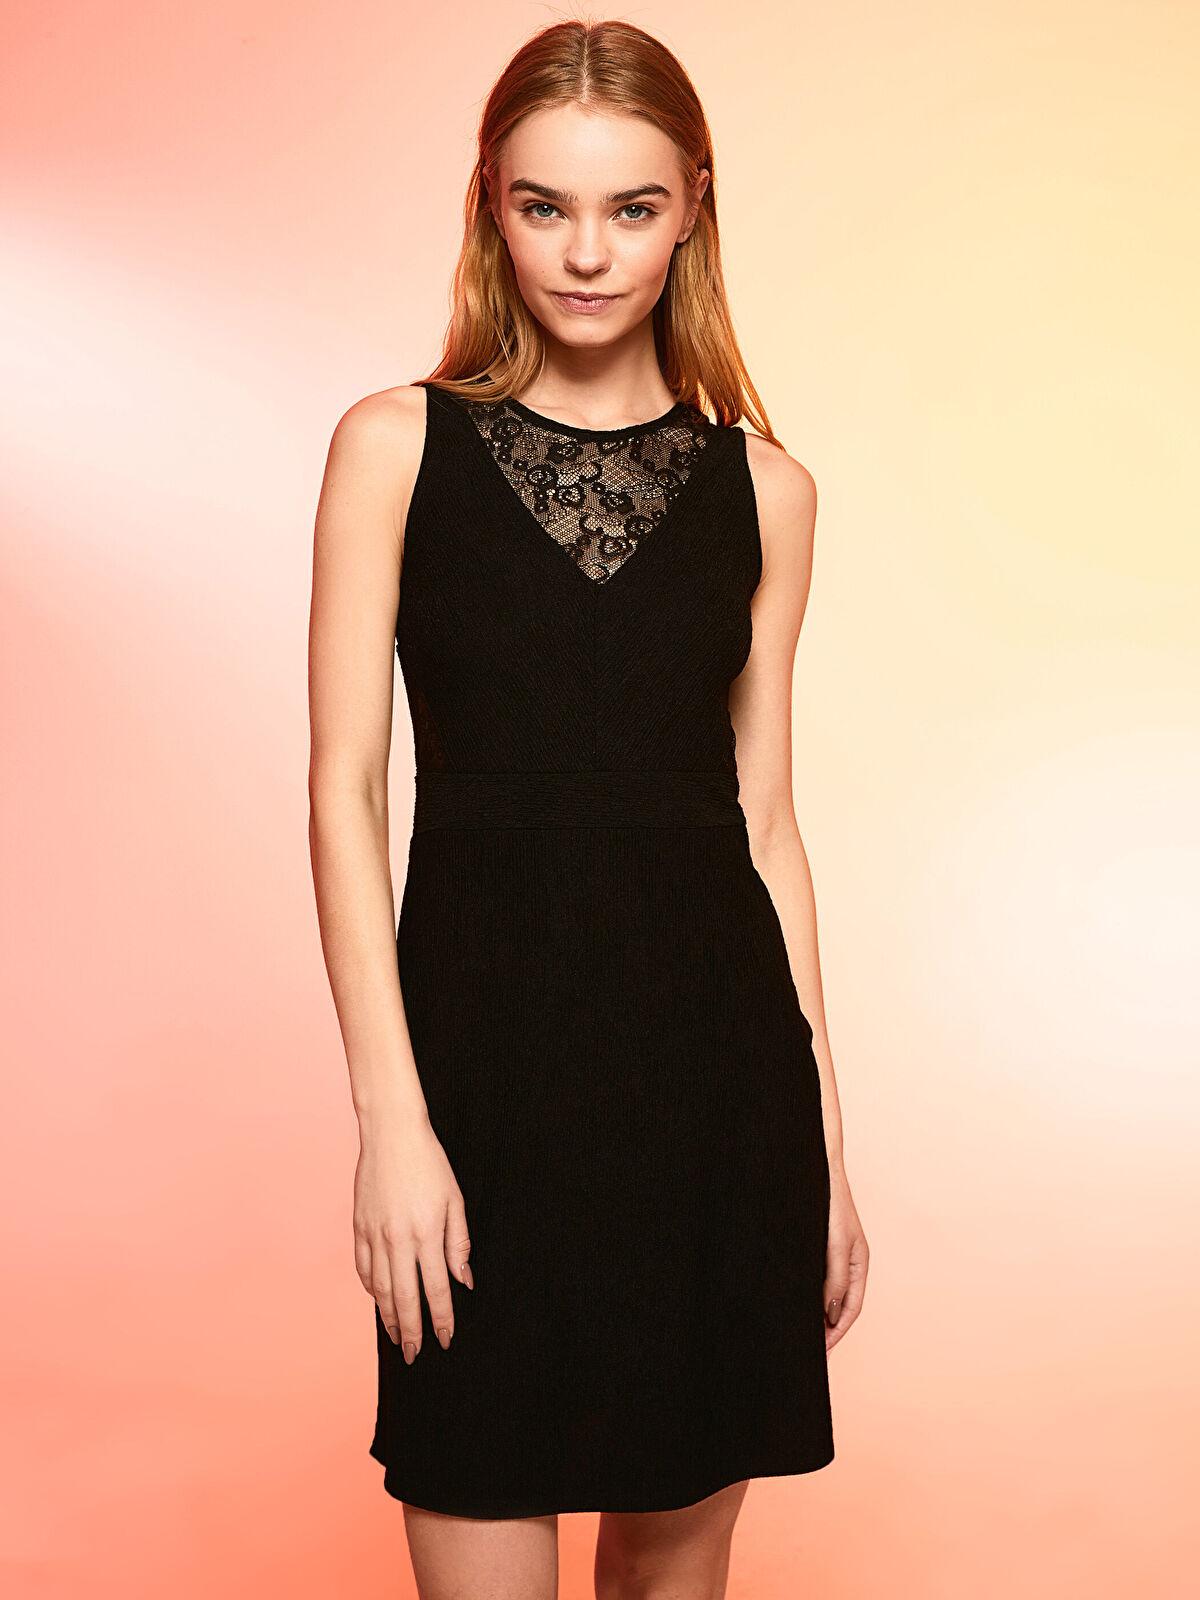 Dantel Detaylı Slim Elbise - LC WAIKIKI